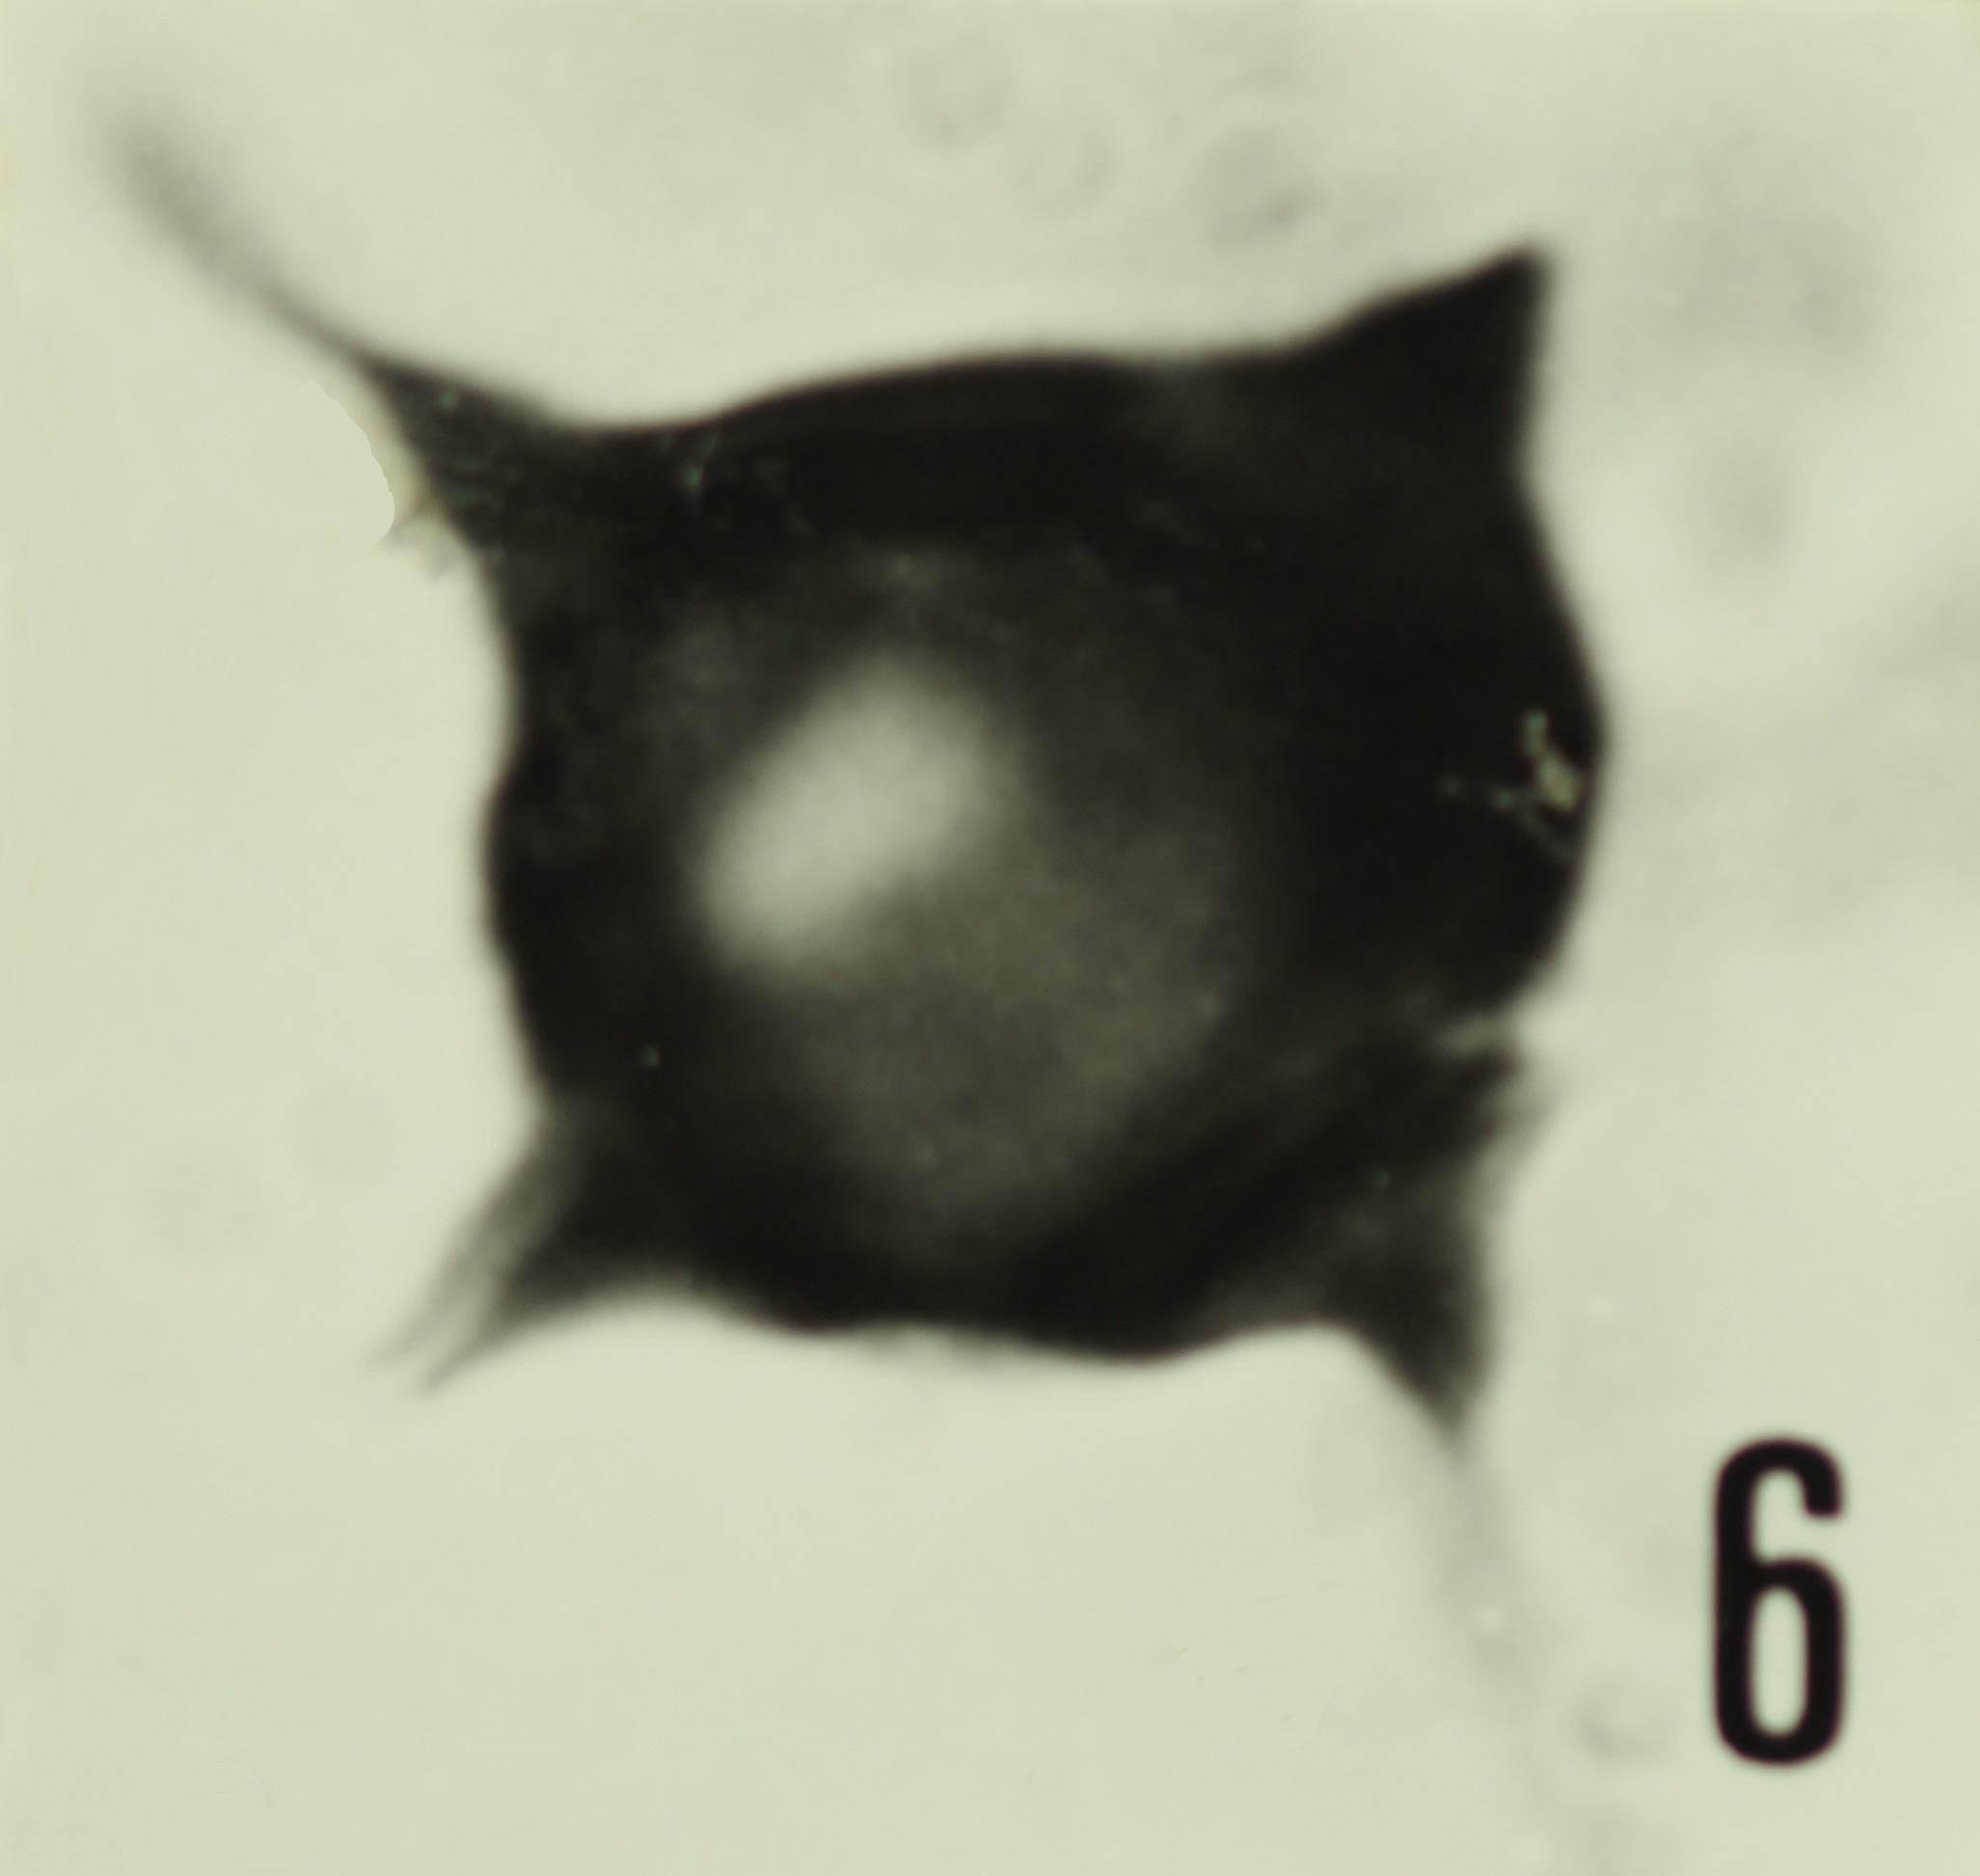 Fig. 6 - Impluviculus miloni (Deunff, J., 1968) Loeblich, A. R. et Tappan, H., 1969. Sainte-Cécile : STC-2. b 459.